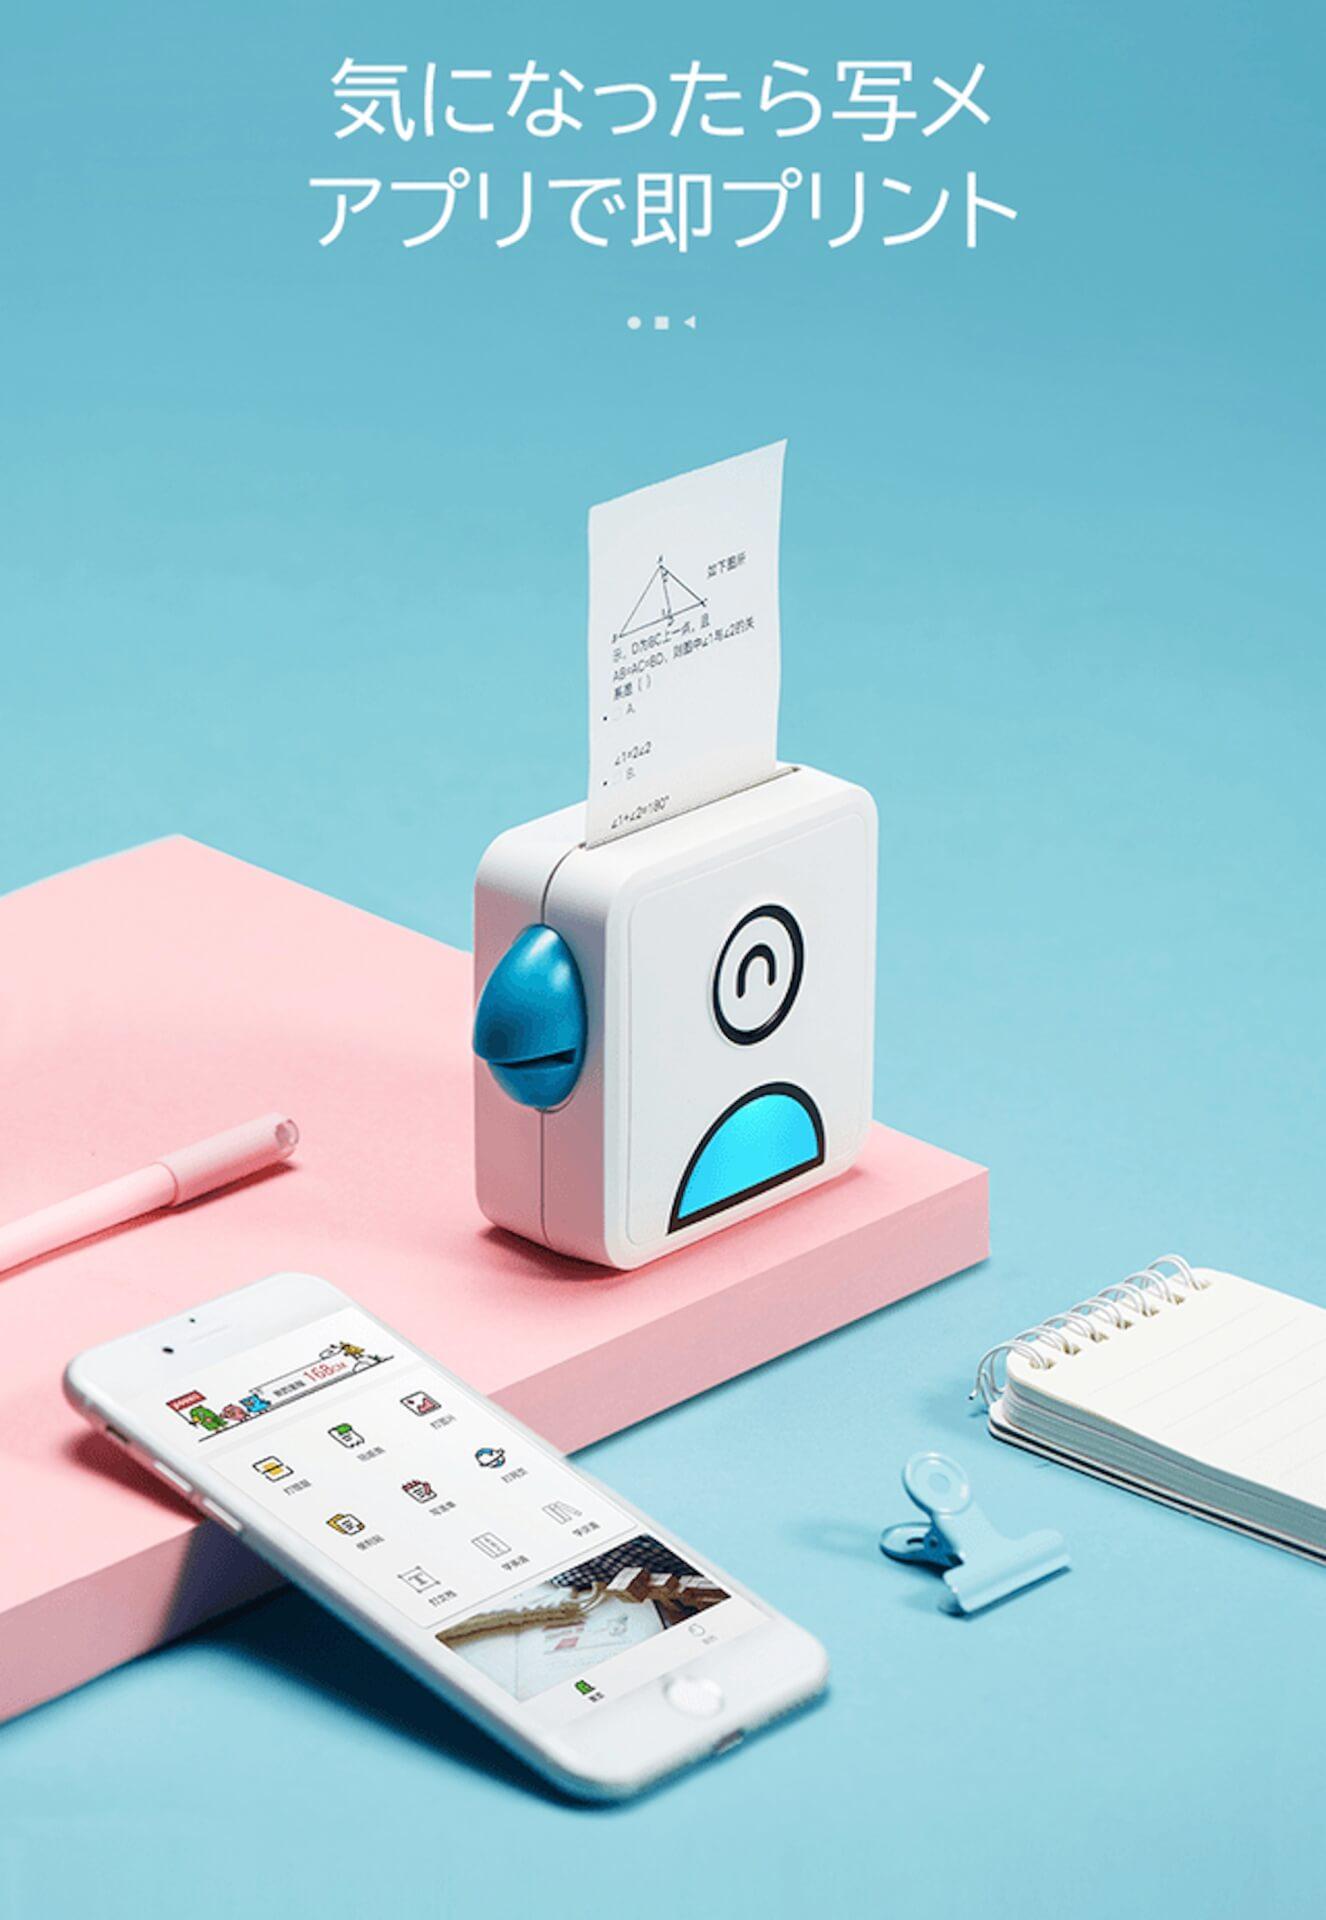 スマホのメモや写真を簡単印刷!クラウドファンディングで990万円を達成した手のひらサイズのスマートプリンターが販売開始 tech200508_poooli_04